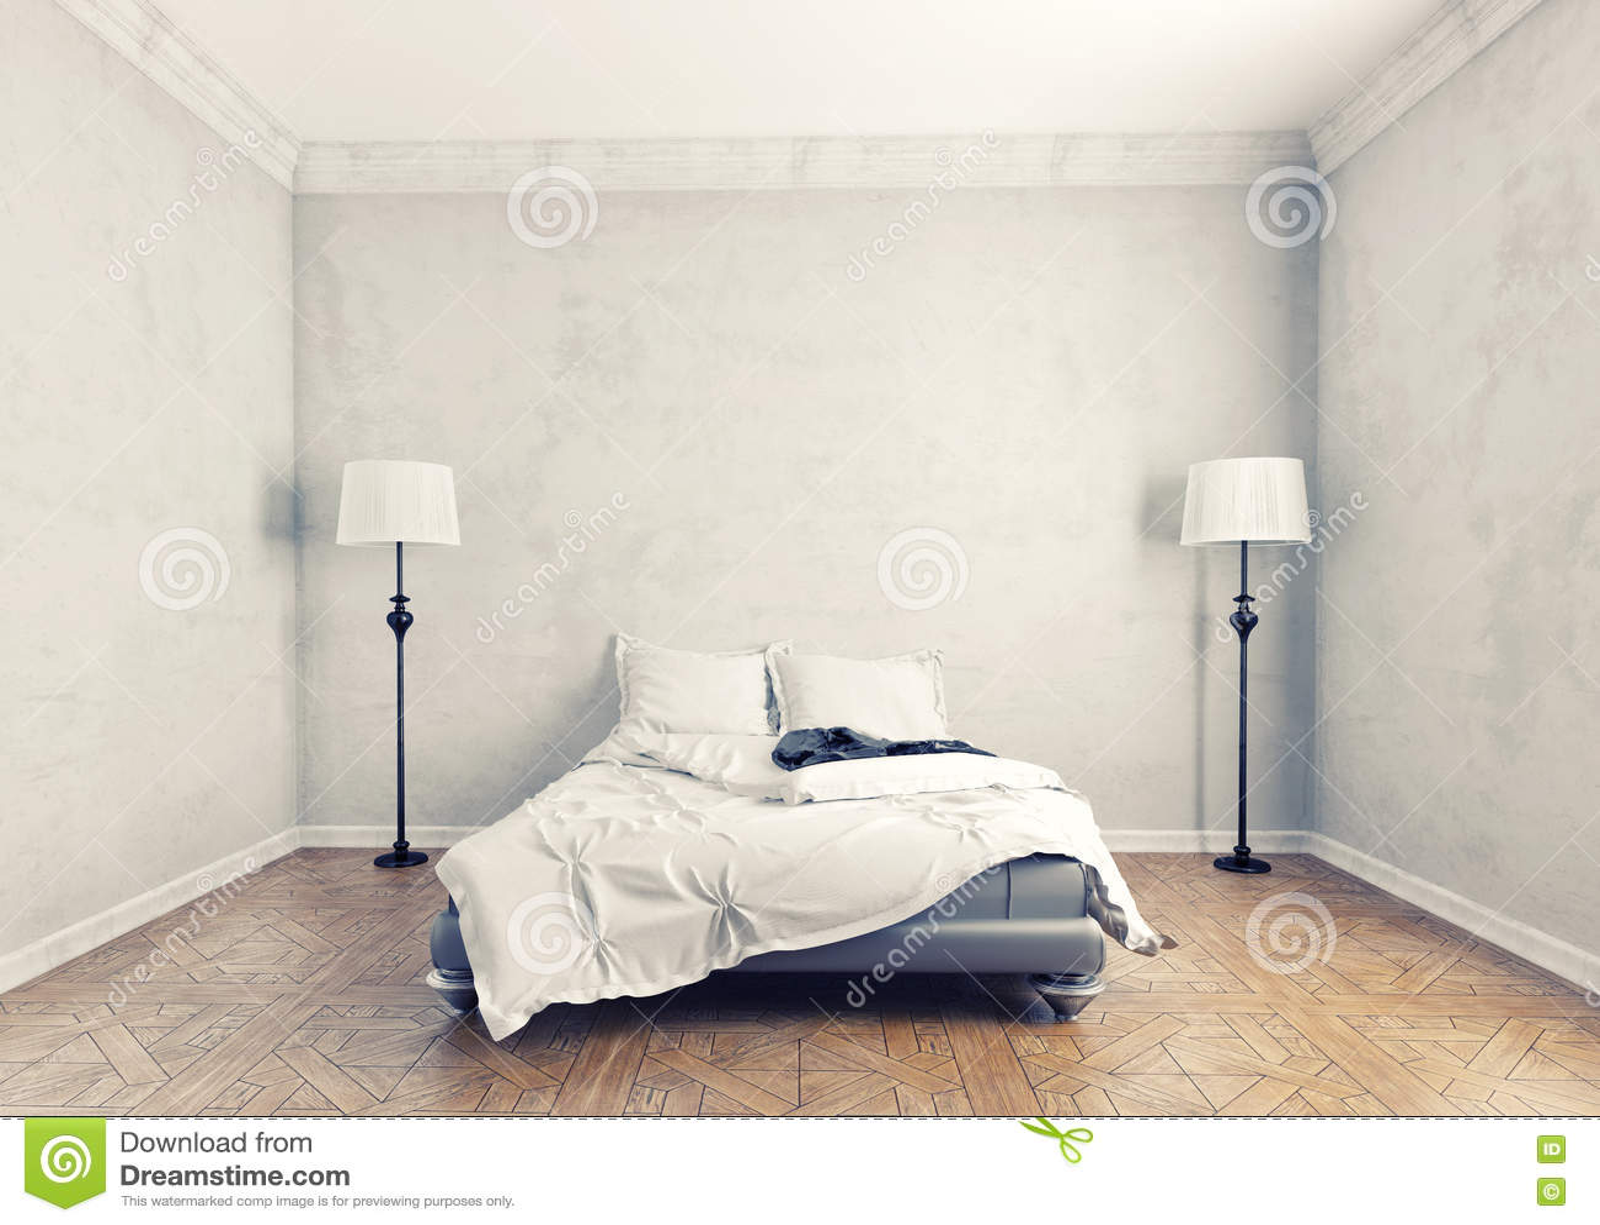 Chambre coucher moderne images libres de droits image 29199359 for Photo chambre a coucher moderne